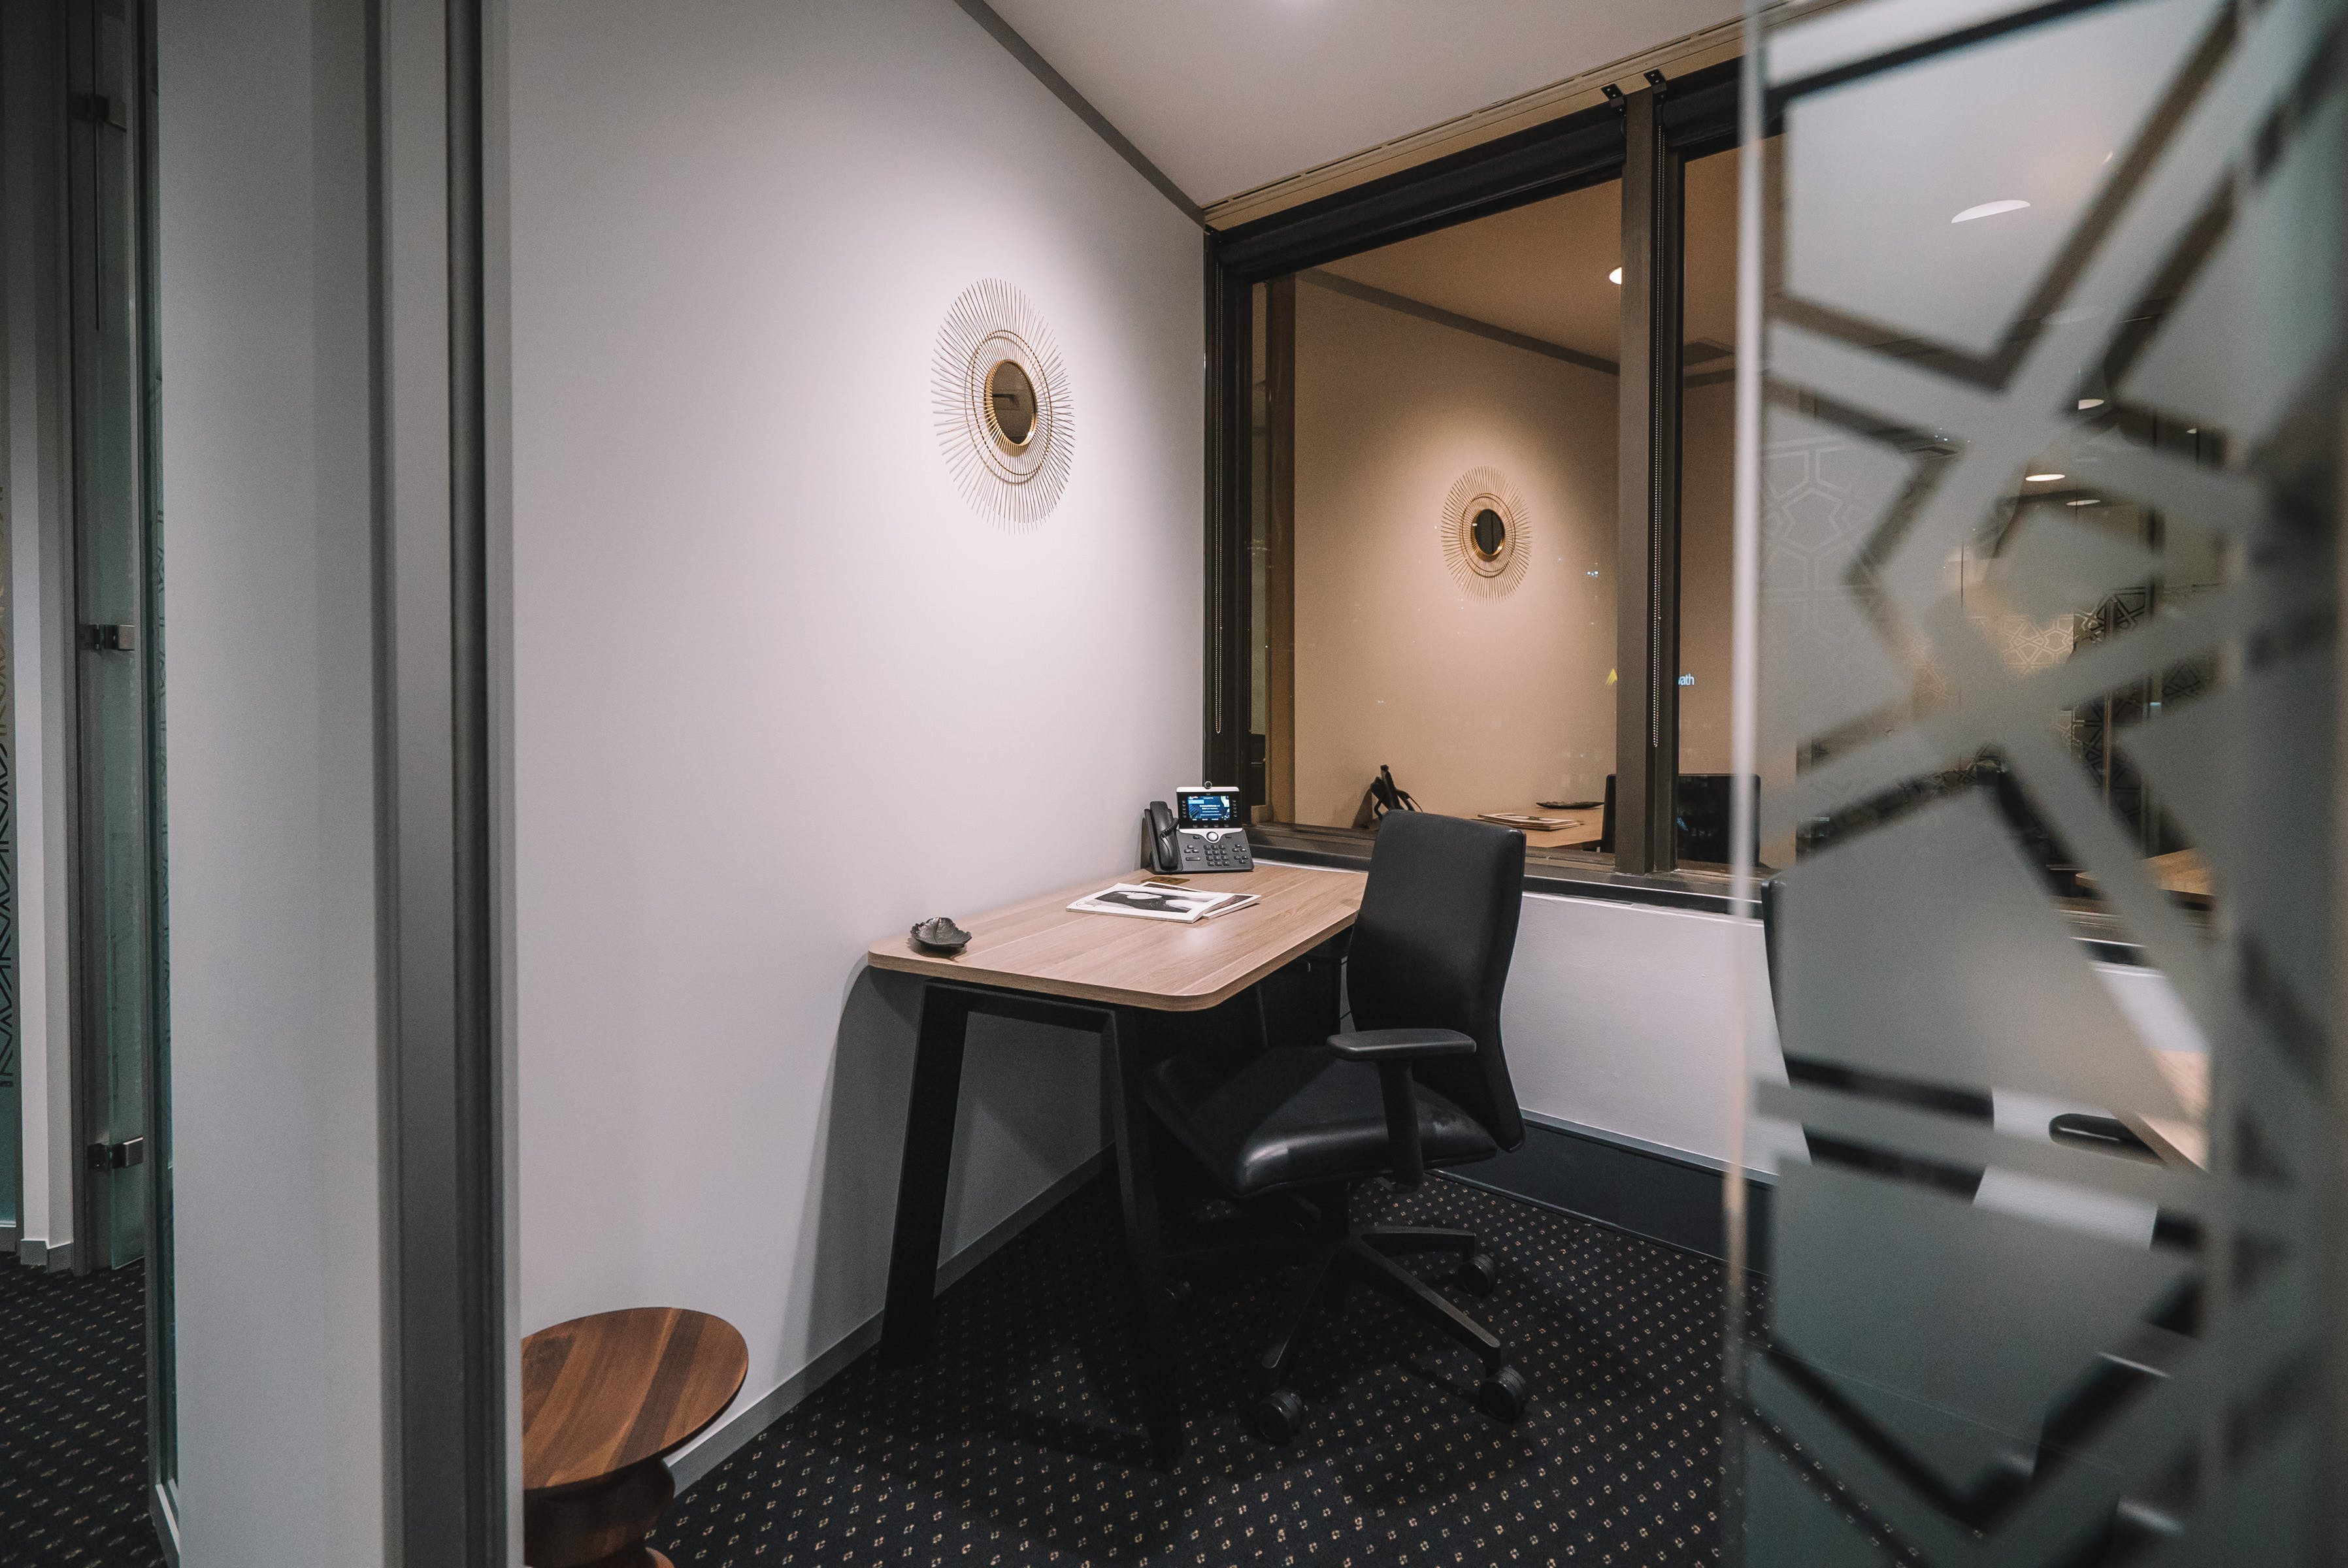 Hot desk at 10 Eagle Street, image 8